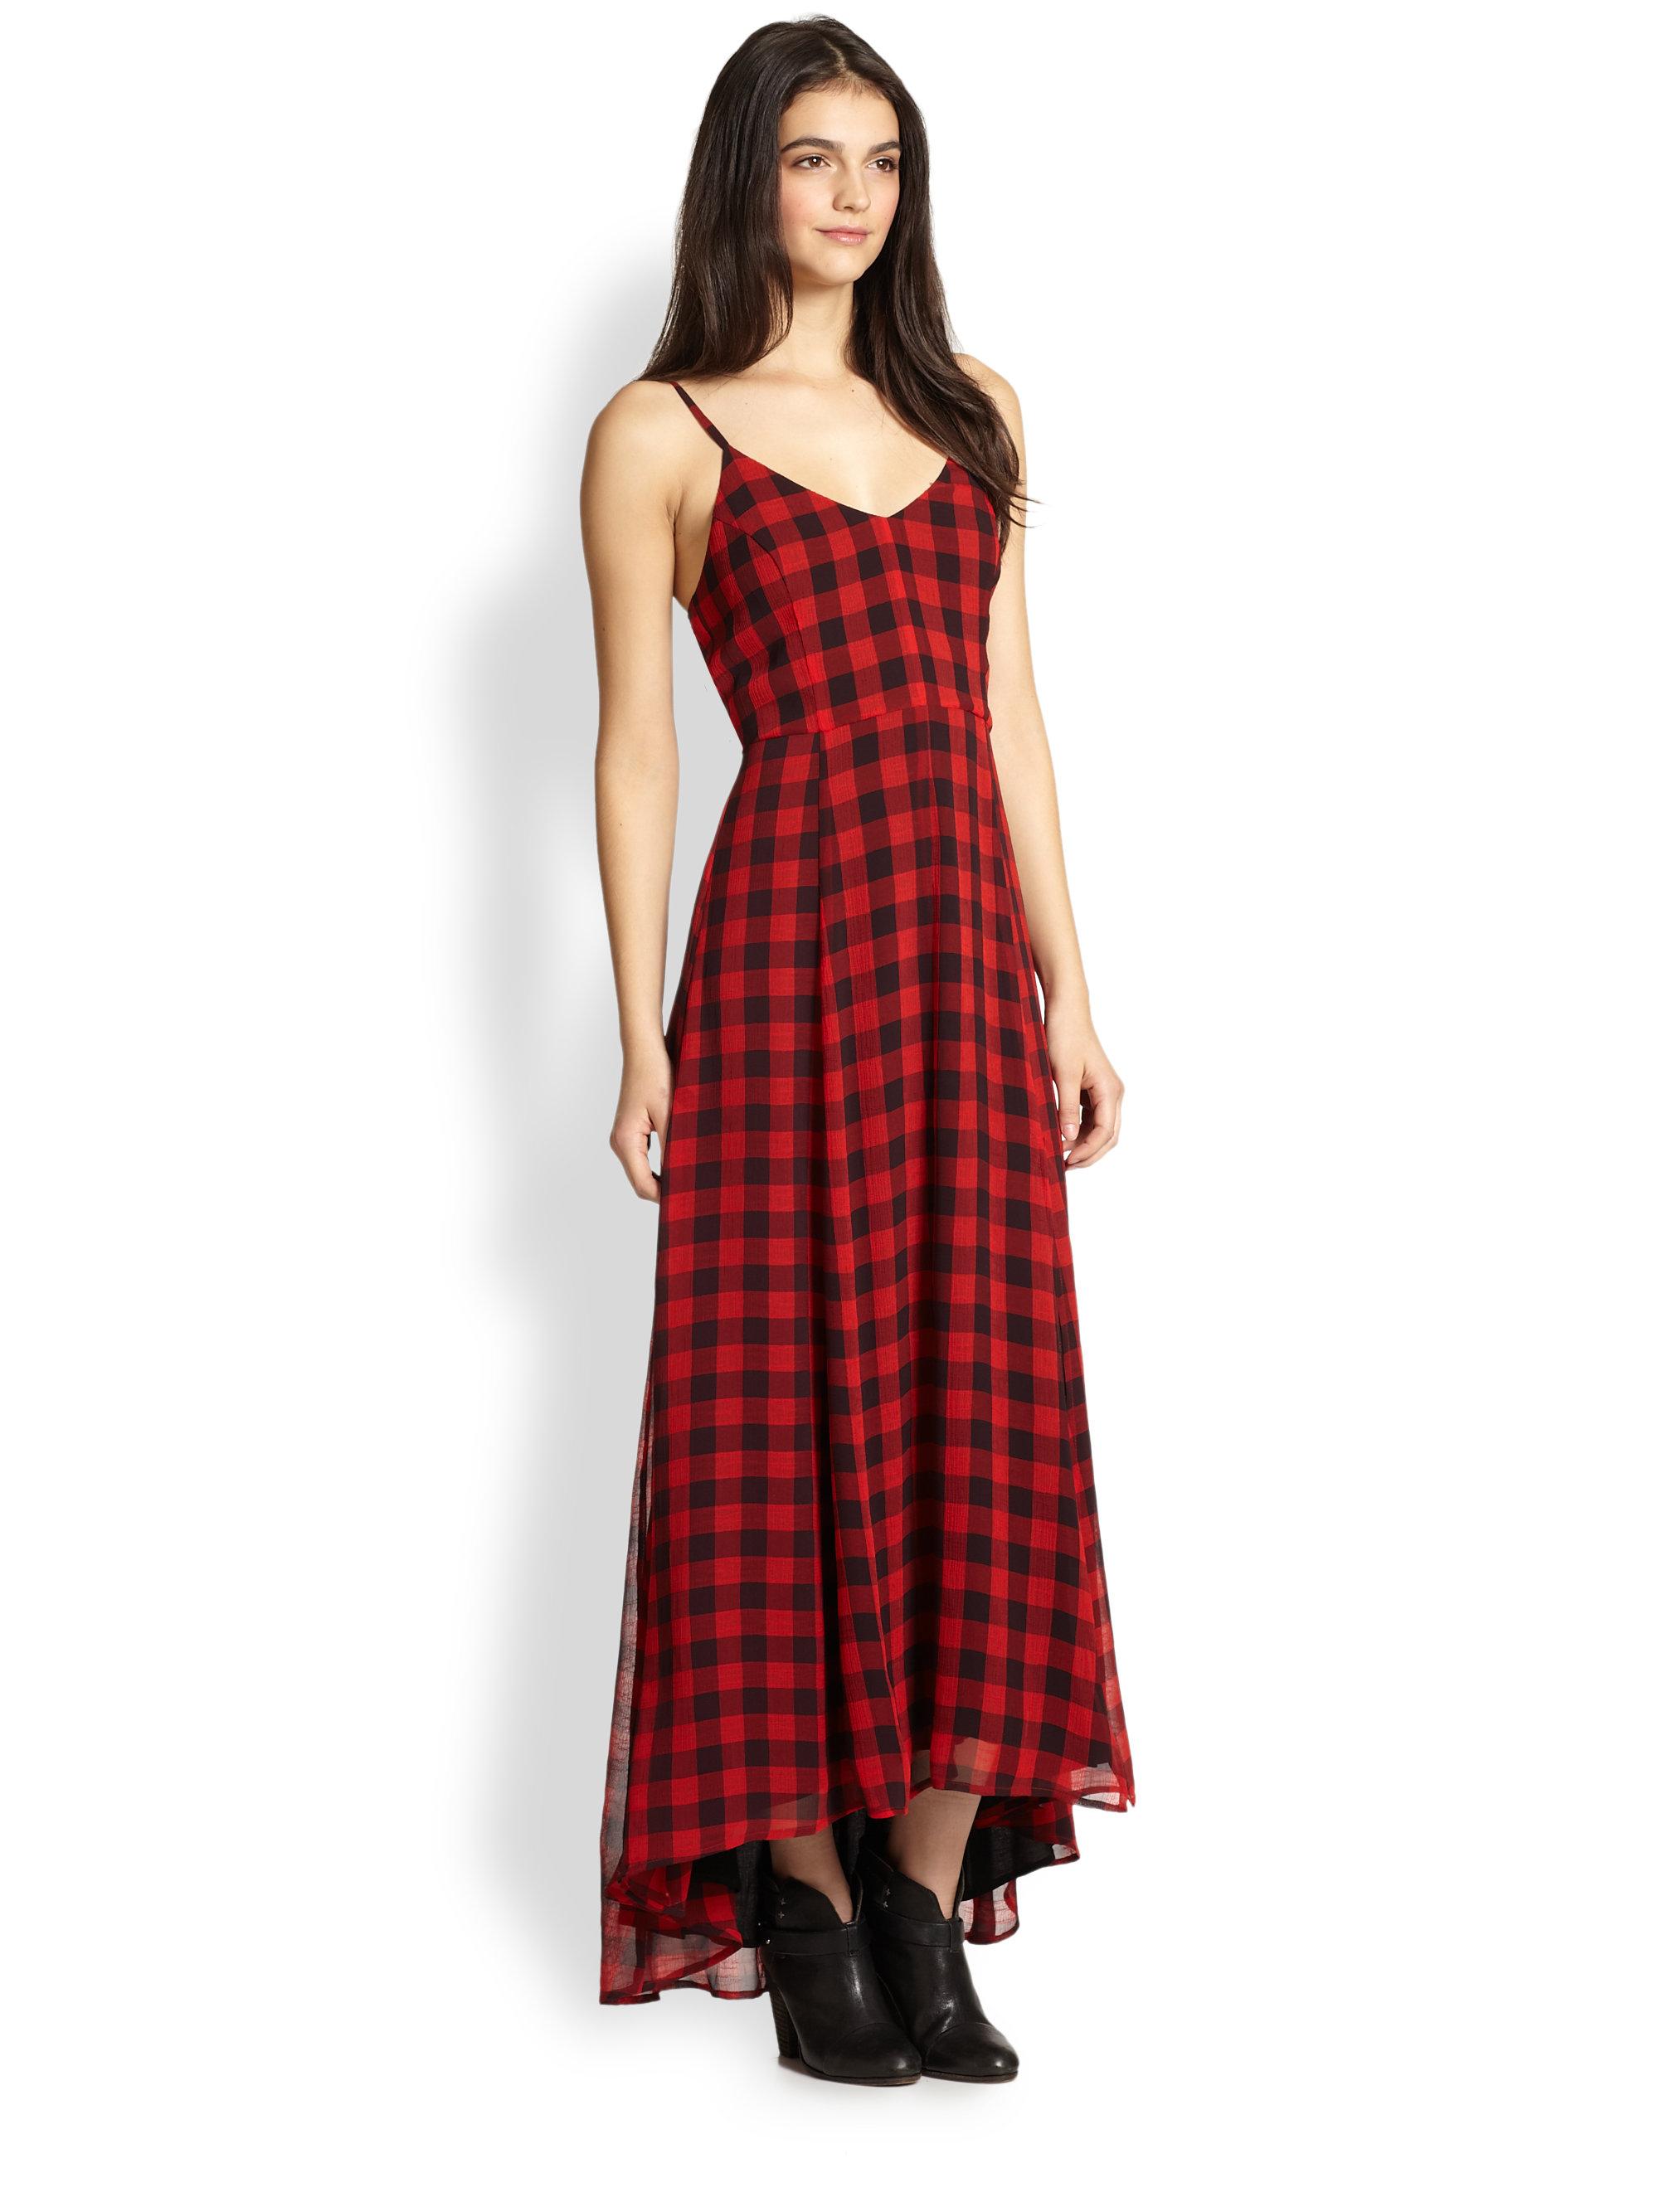 Lyst - Line & Dot Plaid Chiffon Maxi Dress in Red